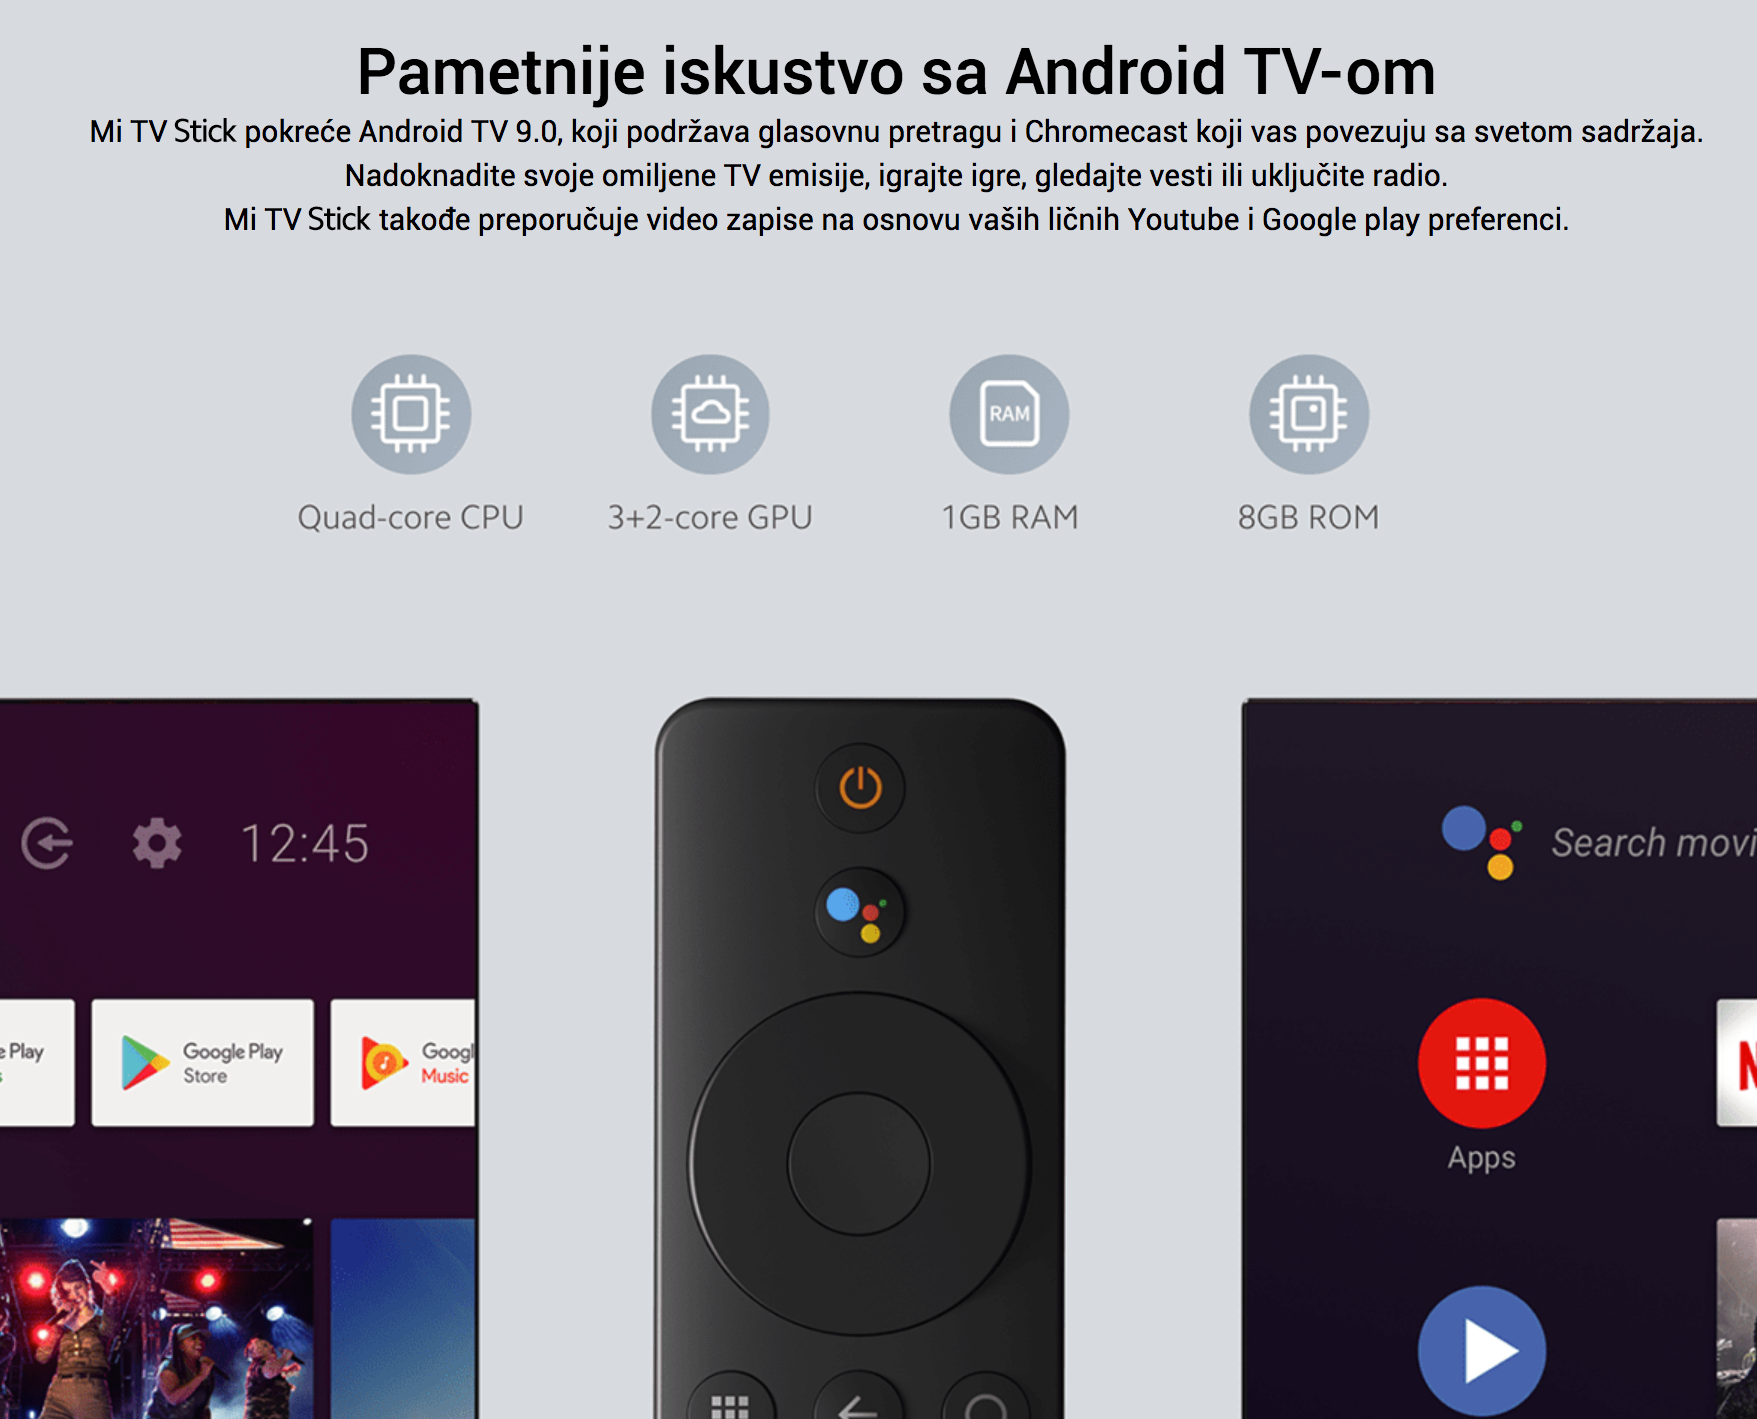 https://mi-srbija.rs/storage/media/2020/11/6/b0a878f2-7592-4c9d-b08c-8a90b3b29aa3.png